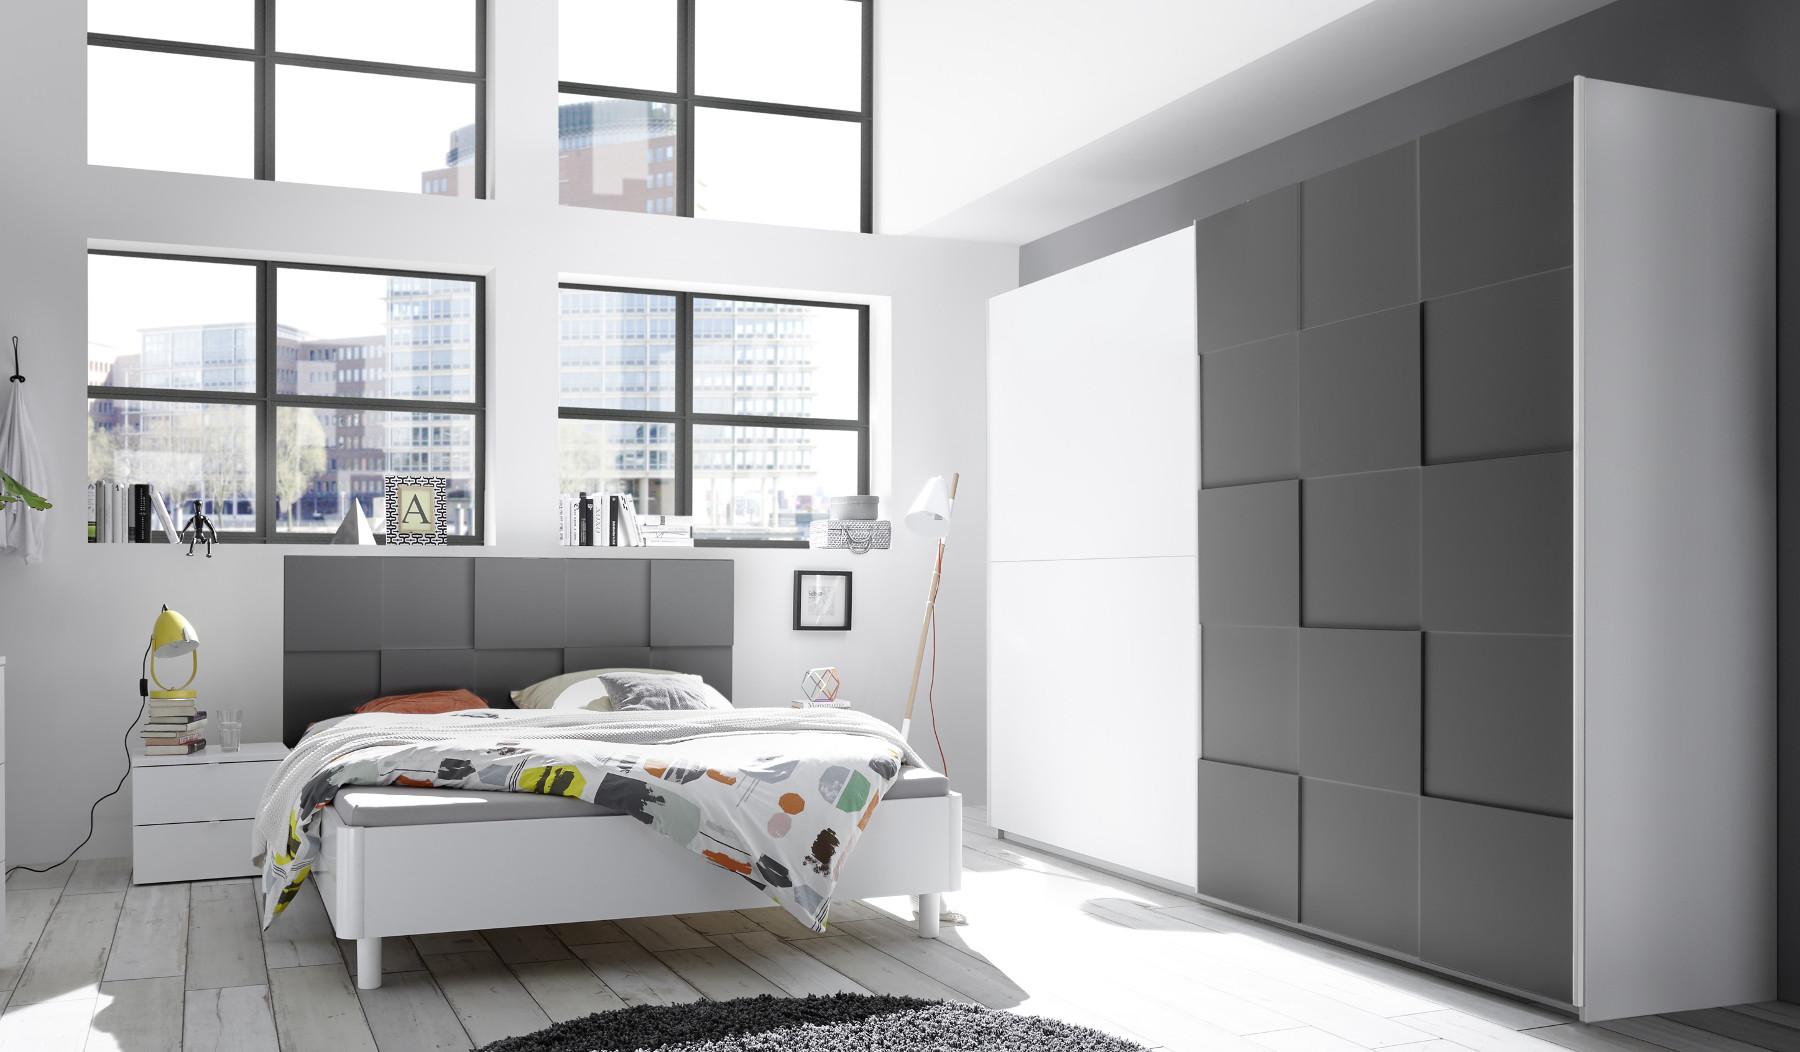 Full Size of Schlafzimmer Komplett Modern Schlafzimmerset Weiss Grau Matt 3d Optik Nicato5 Designermbel Regal Deckenlampe Nolte Vorhänge Günstige Poco Loddenkemper Wohnzimmer Schlafzimmer Komplett Modern